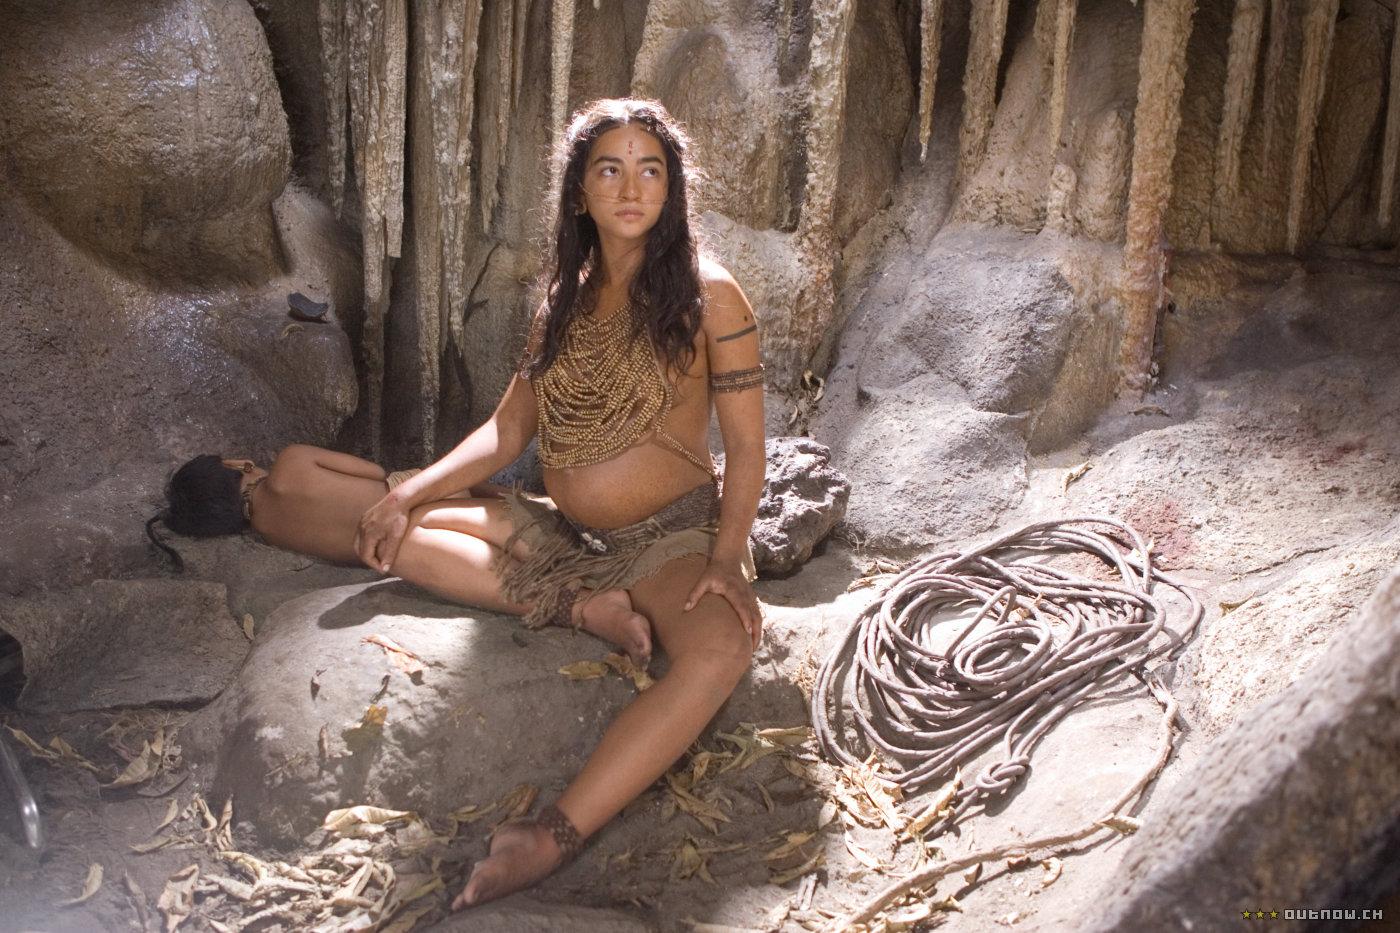 Сношения индейцев фото 2 фотография